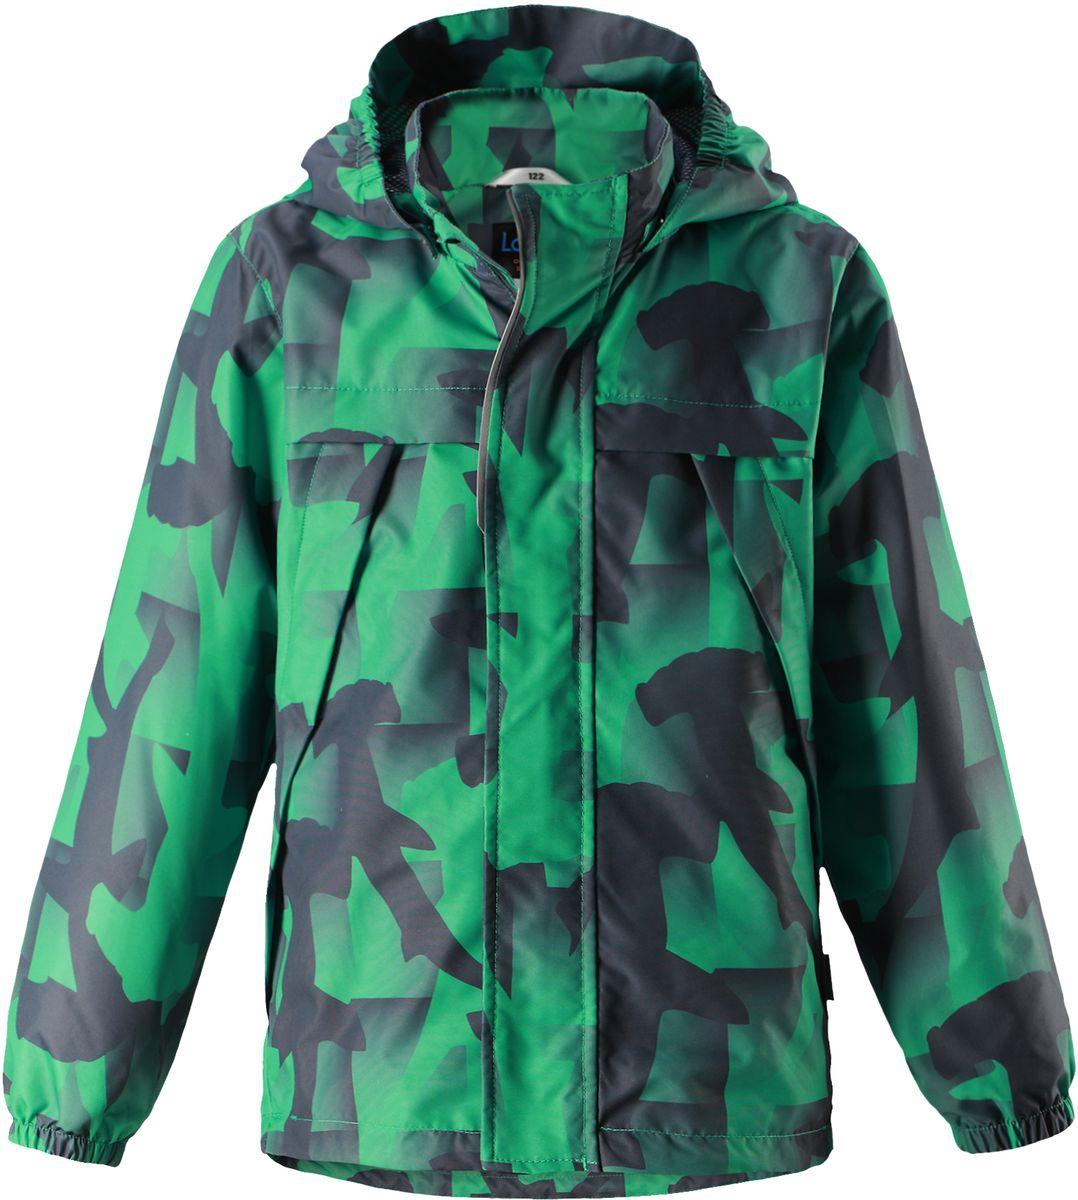 Куртка для мальчика Lassie, цвет: зеленый. 721707R8811. Размер 122721707R8811Легкая и удобная куртка для мальчиков на весенне-осенний период. Она изготовлена из водоотталкивающего и ветронепроницаемого, но при этом дышащего материала. Куртка снабжена дышащей и приятной на ощупь подкладкой на легком утеплителе, которая облегчает одевание. Съемный капюшон обеспечивает защиту от холодного ветра, а также безопасен во время игр на свежем воздухе! Благодаря регулируемому подолу эта модель свободного покроя отлично сидит по фигуре. Снабжена множеством продуманных элементов, например, передними карманами и эластичными манжетами.